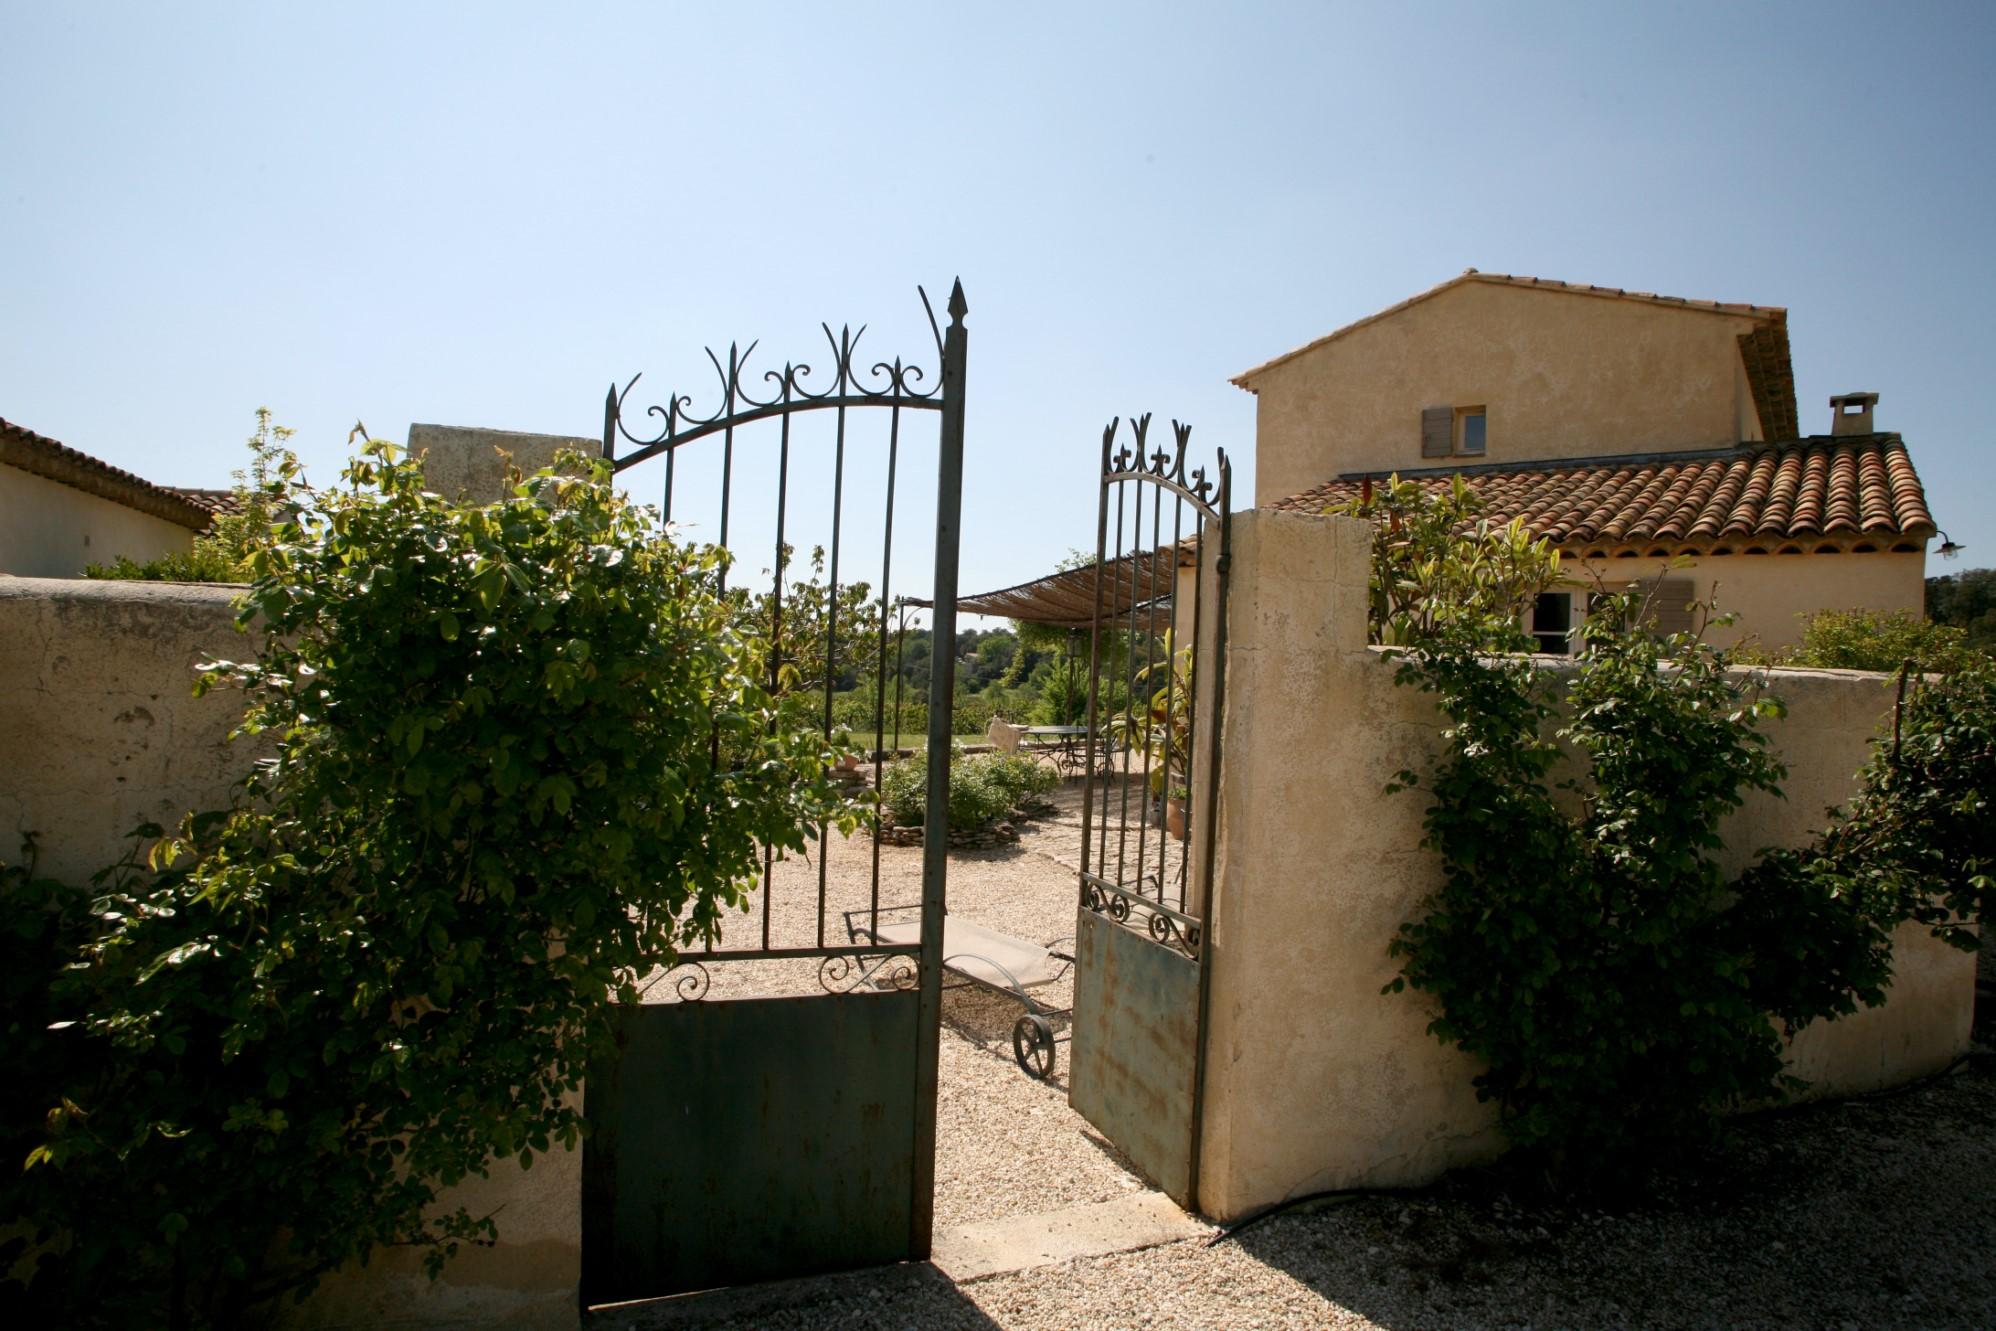 En vente,  belle maison provençale, sur plus de 5 000 m² avec vue imprenable